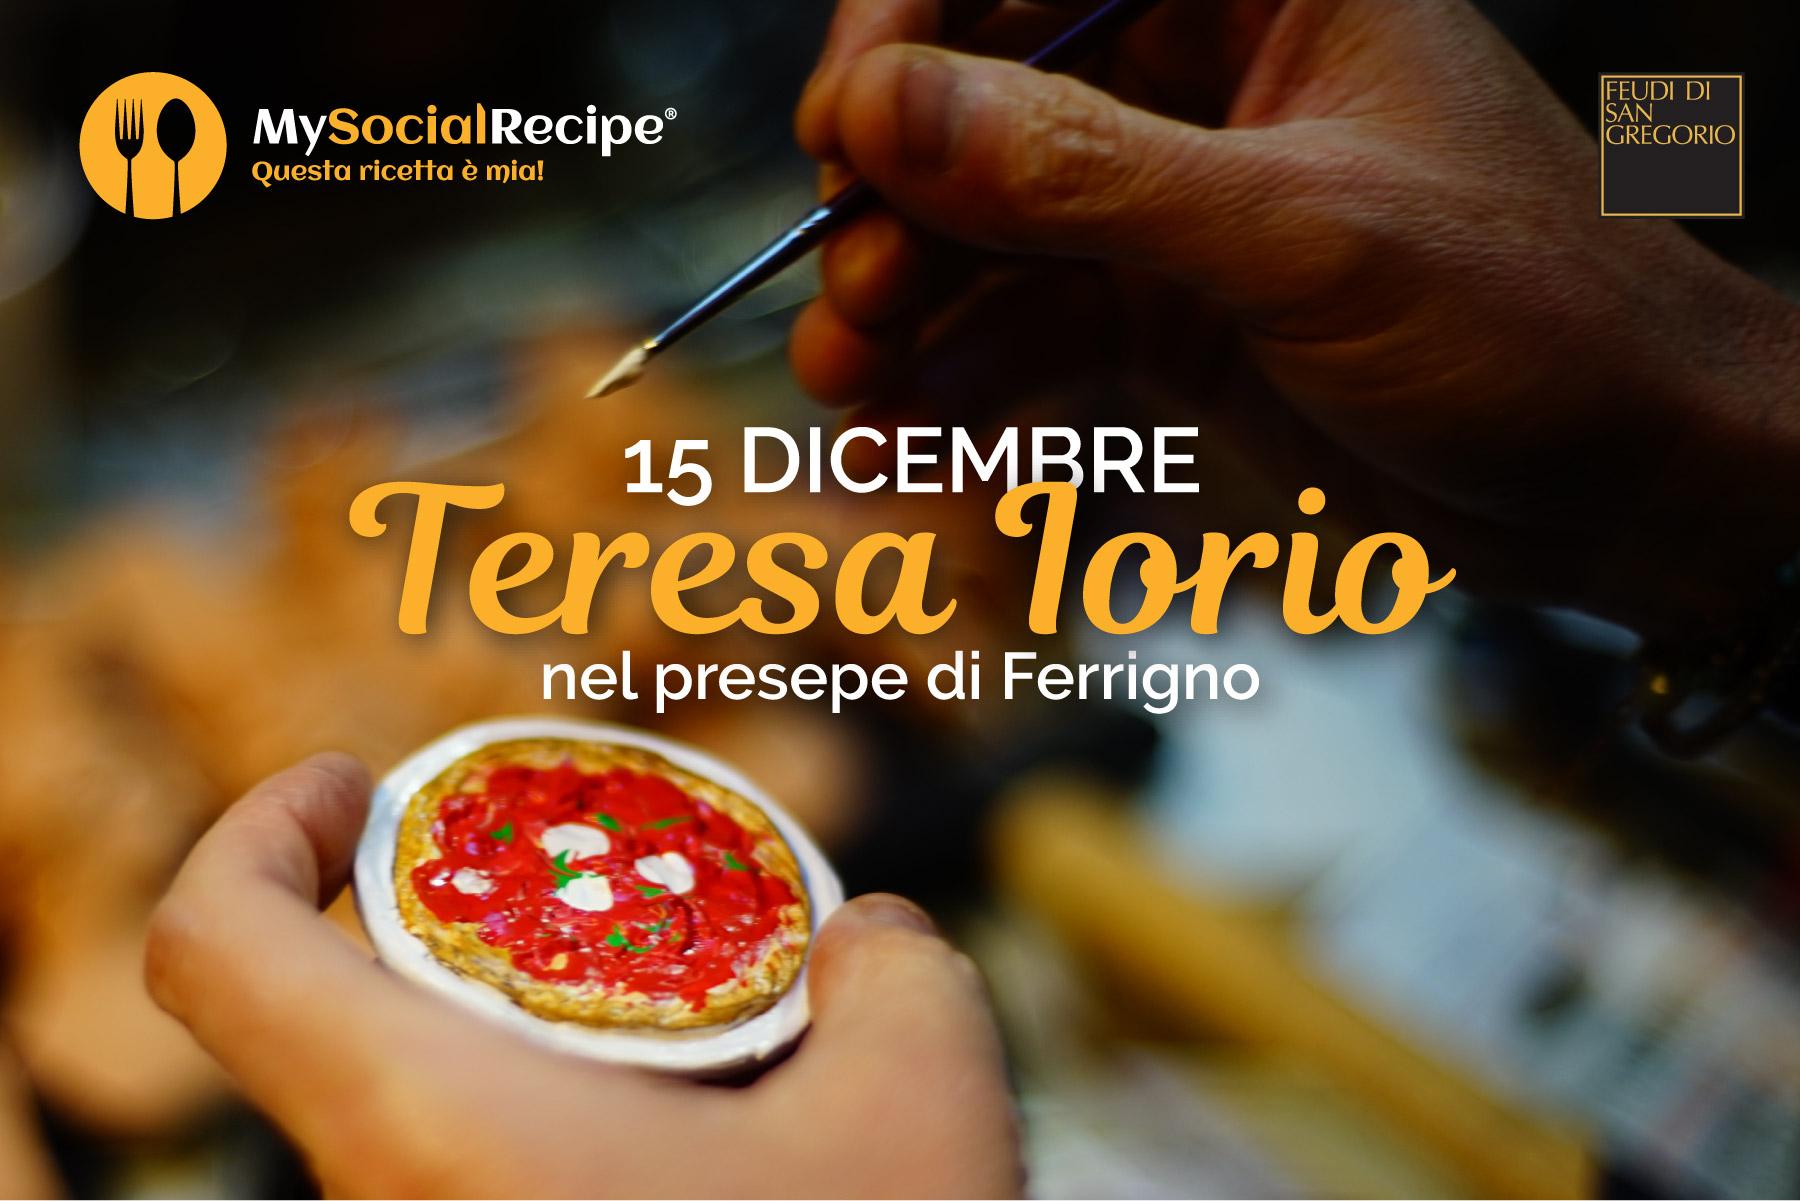 Teresa Iorio, la prima pizzaiola nel presepe di Ferrigno.